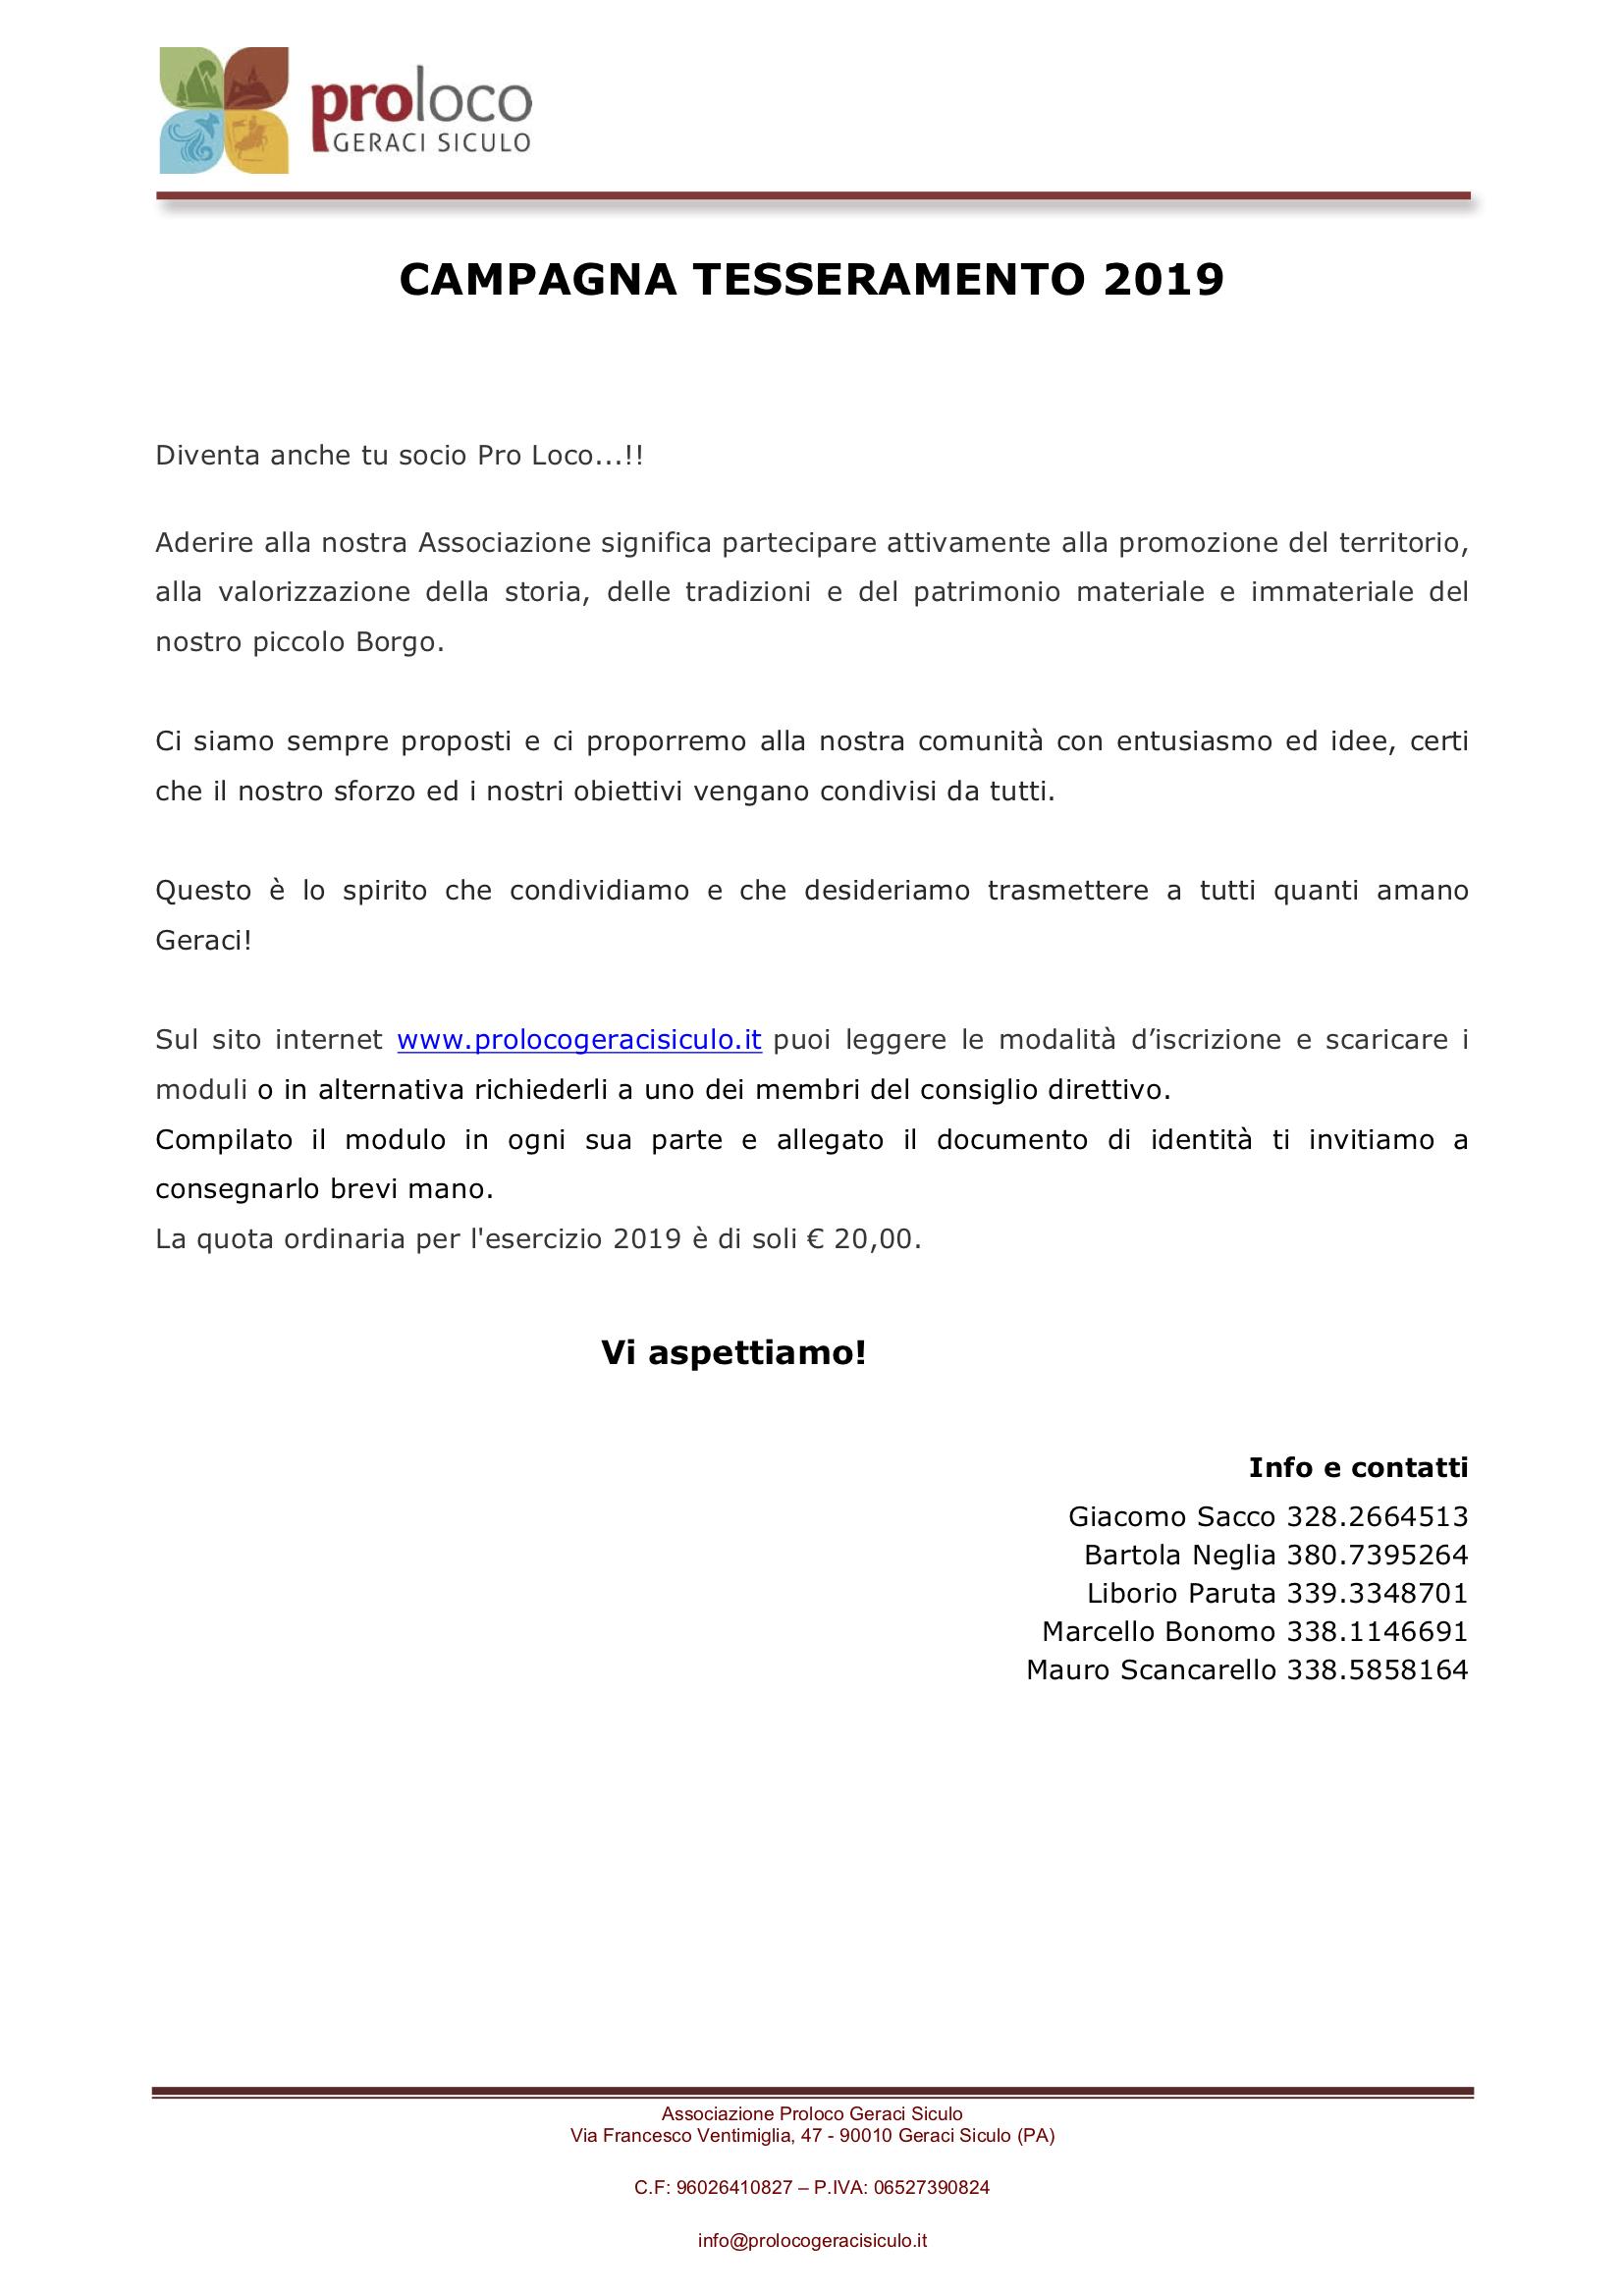 Pro_Loco_Geraci_Siculo_Tesseramento_2019